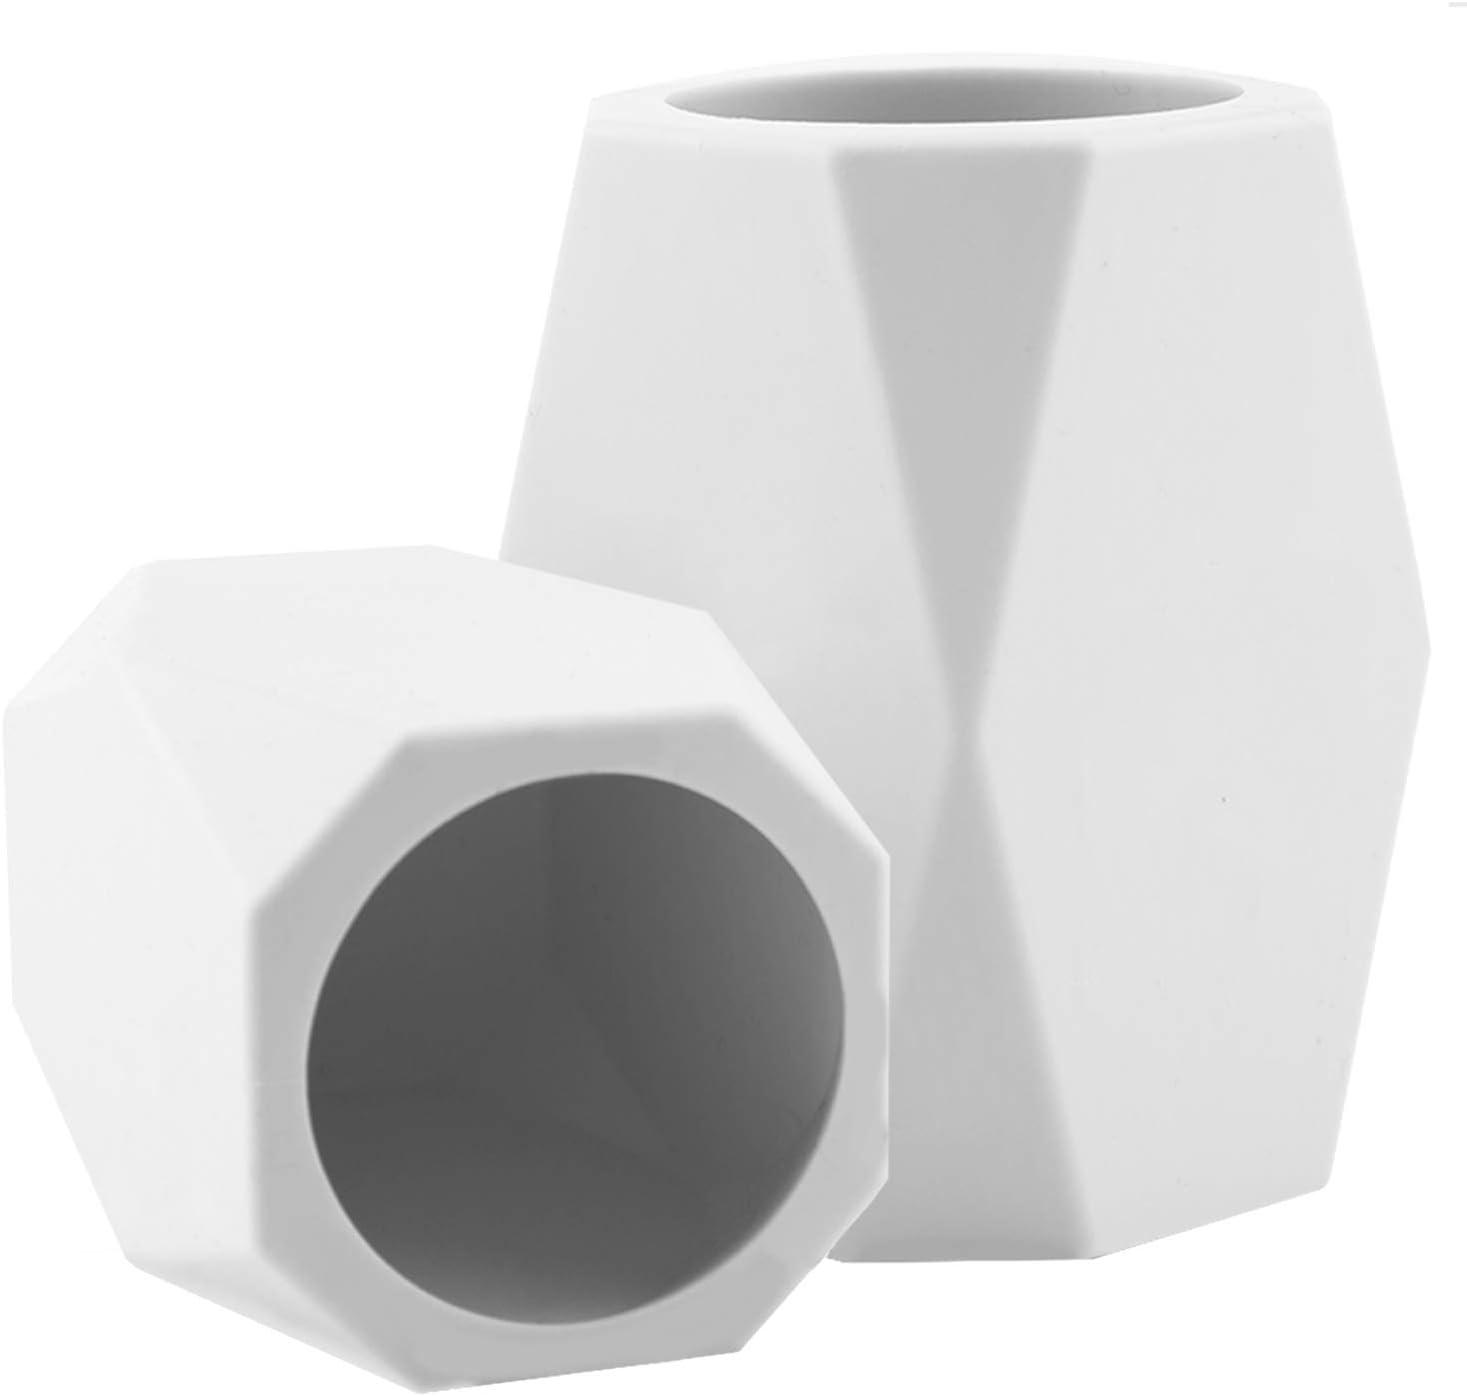 Forniture Per Ufficio AIEX 2 Pezzi Contenitore Per Matite In Silicone Tazza Per Cancelleria Tazza Da Scrivania Geometrica Per Organizzare La Scrivania Archiviazione Di Cancelleria Bianco